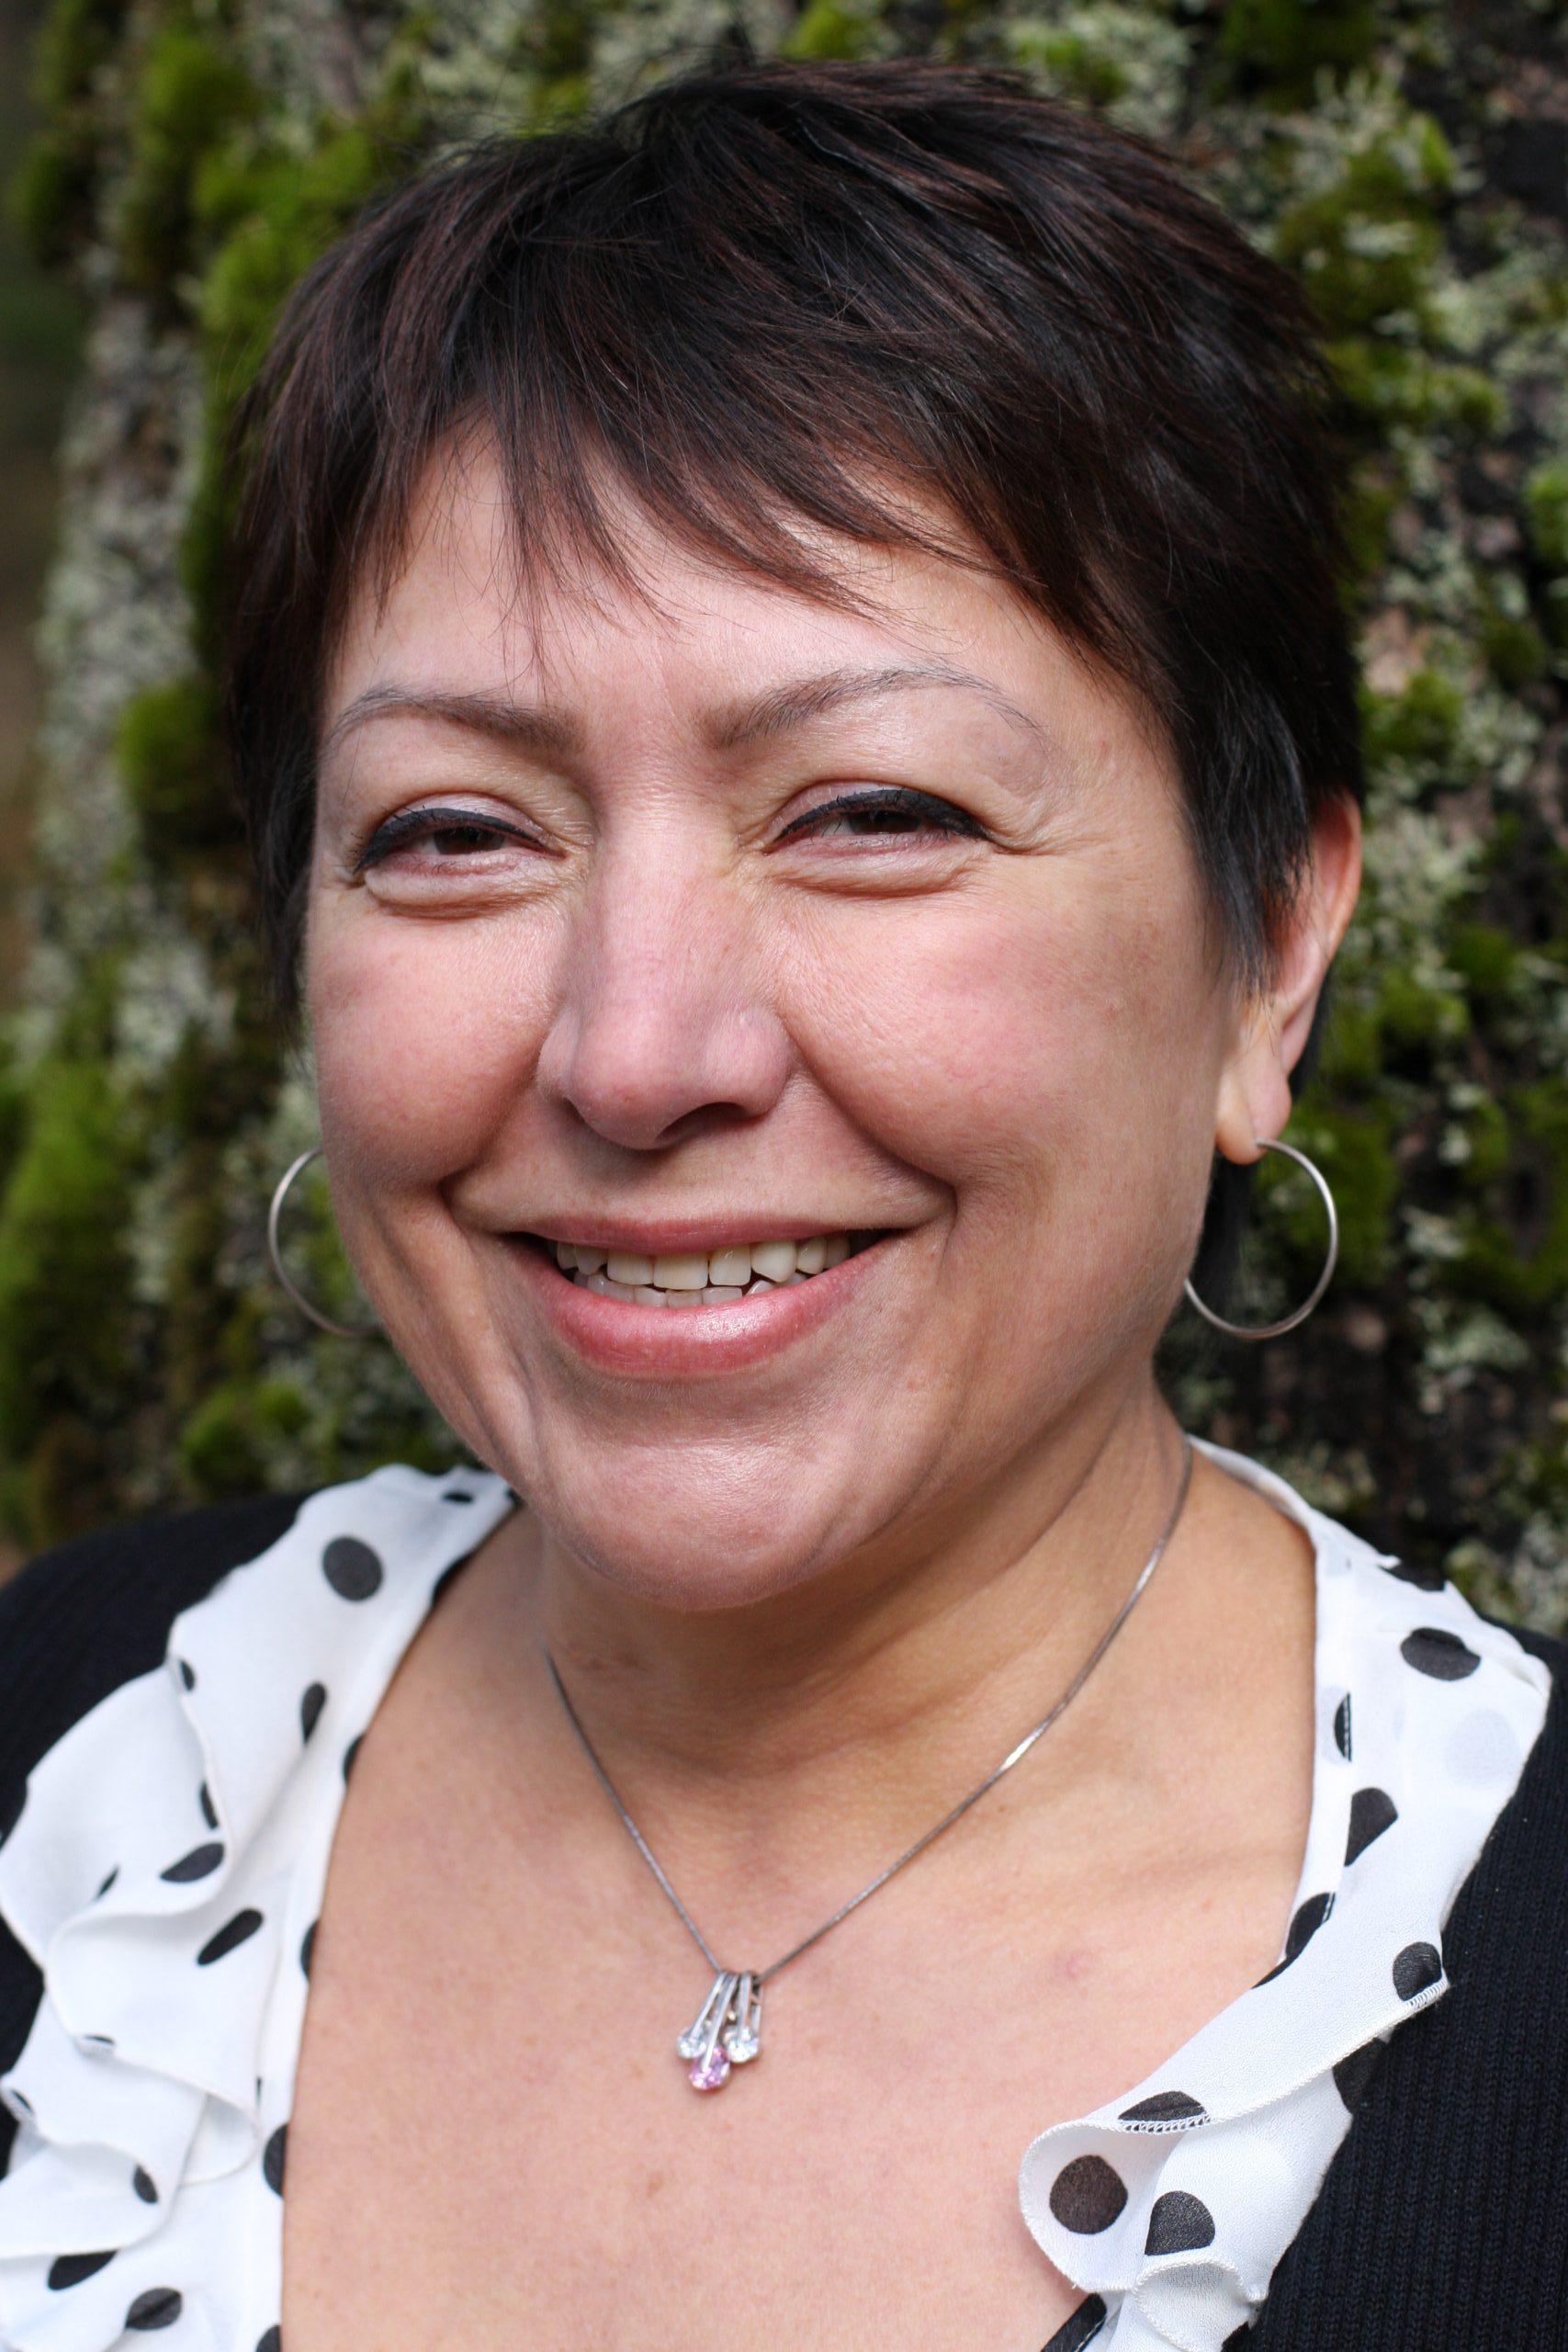 Sharon Marshal